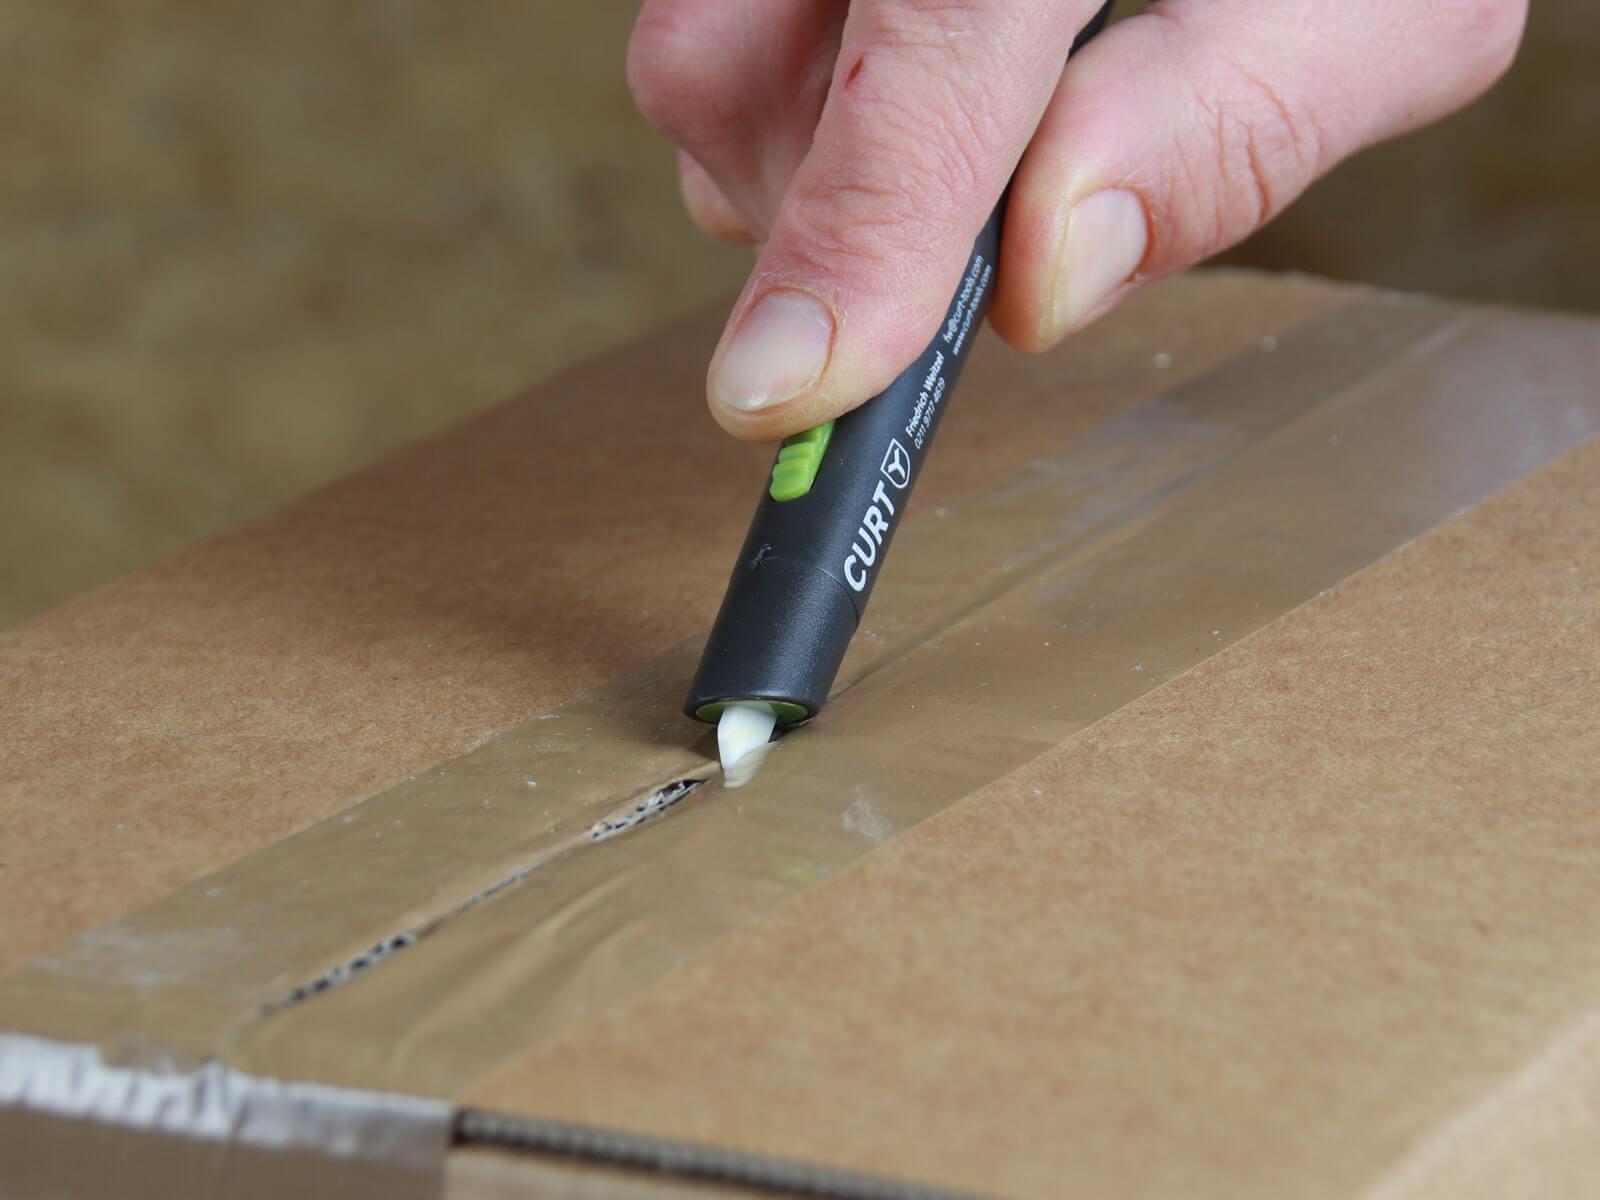 U008K Keramik Sicherheitsmesser automatischer Klingenrückzug mini Klebeband schneiden CURT-tools